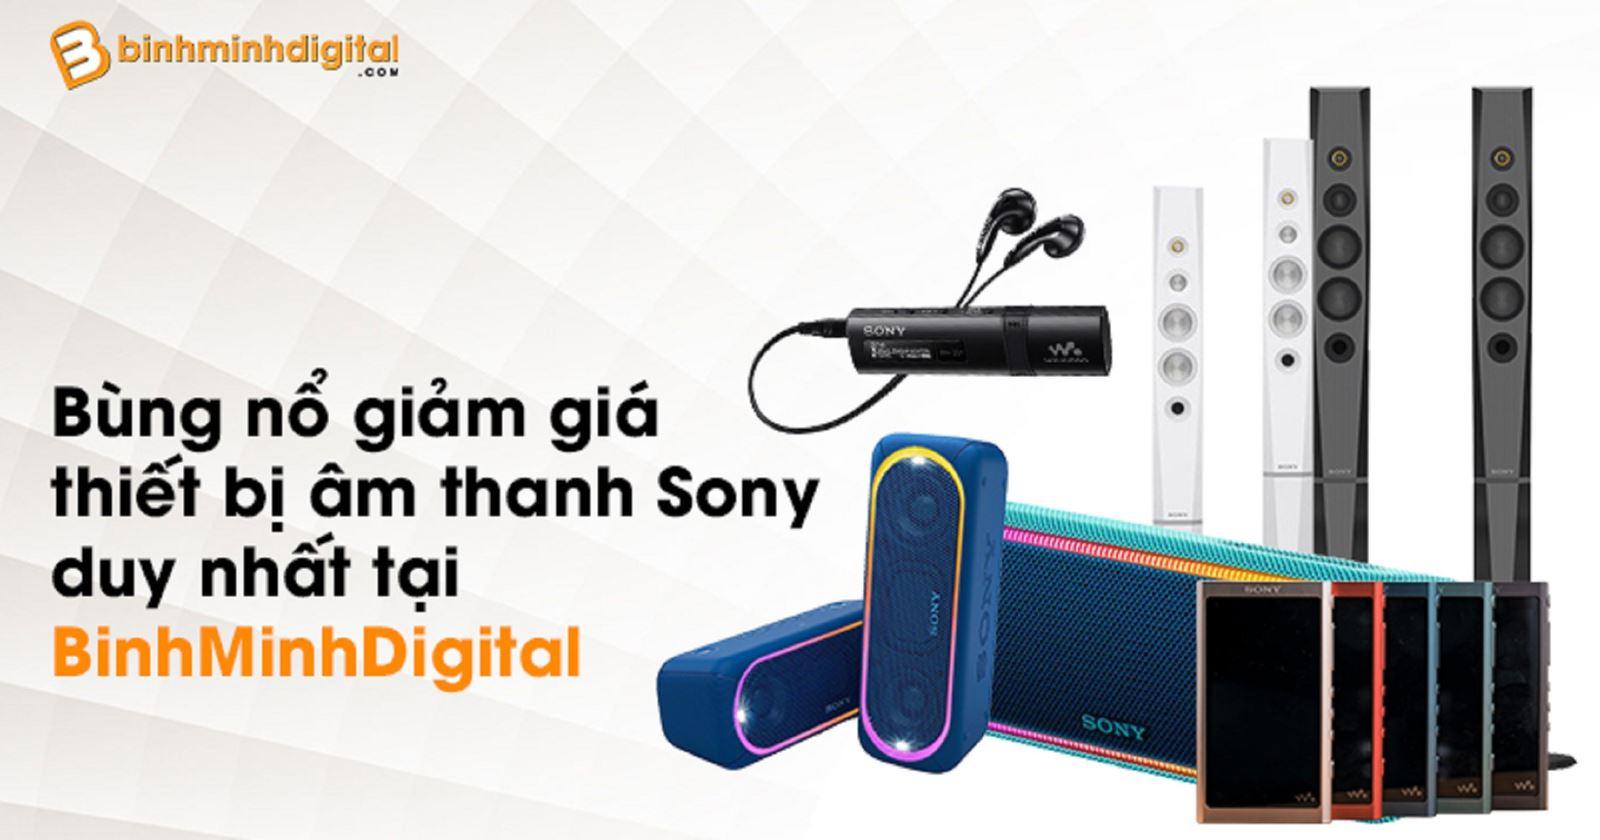 Bùng nổ giảm giá thiết bị âm thanh Sony duy nhất tại BinhMinhDigital